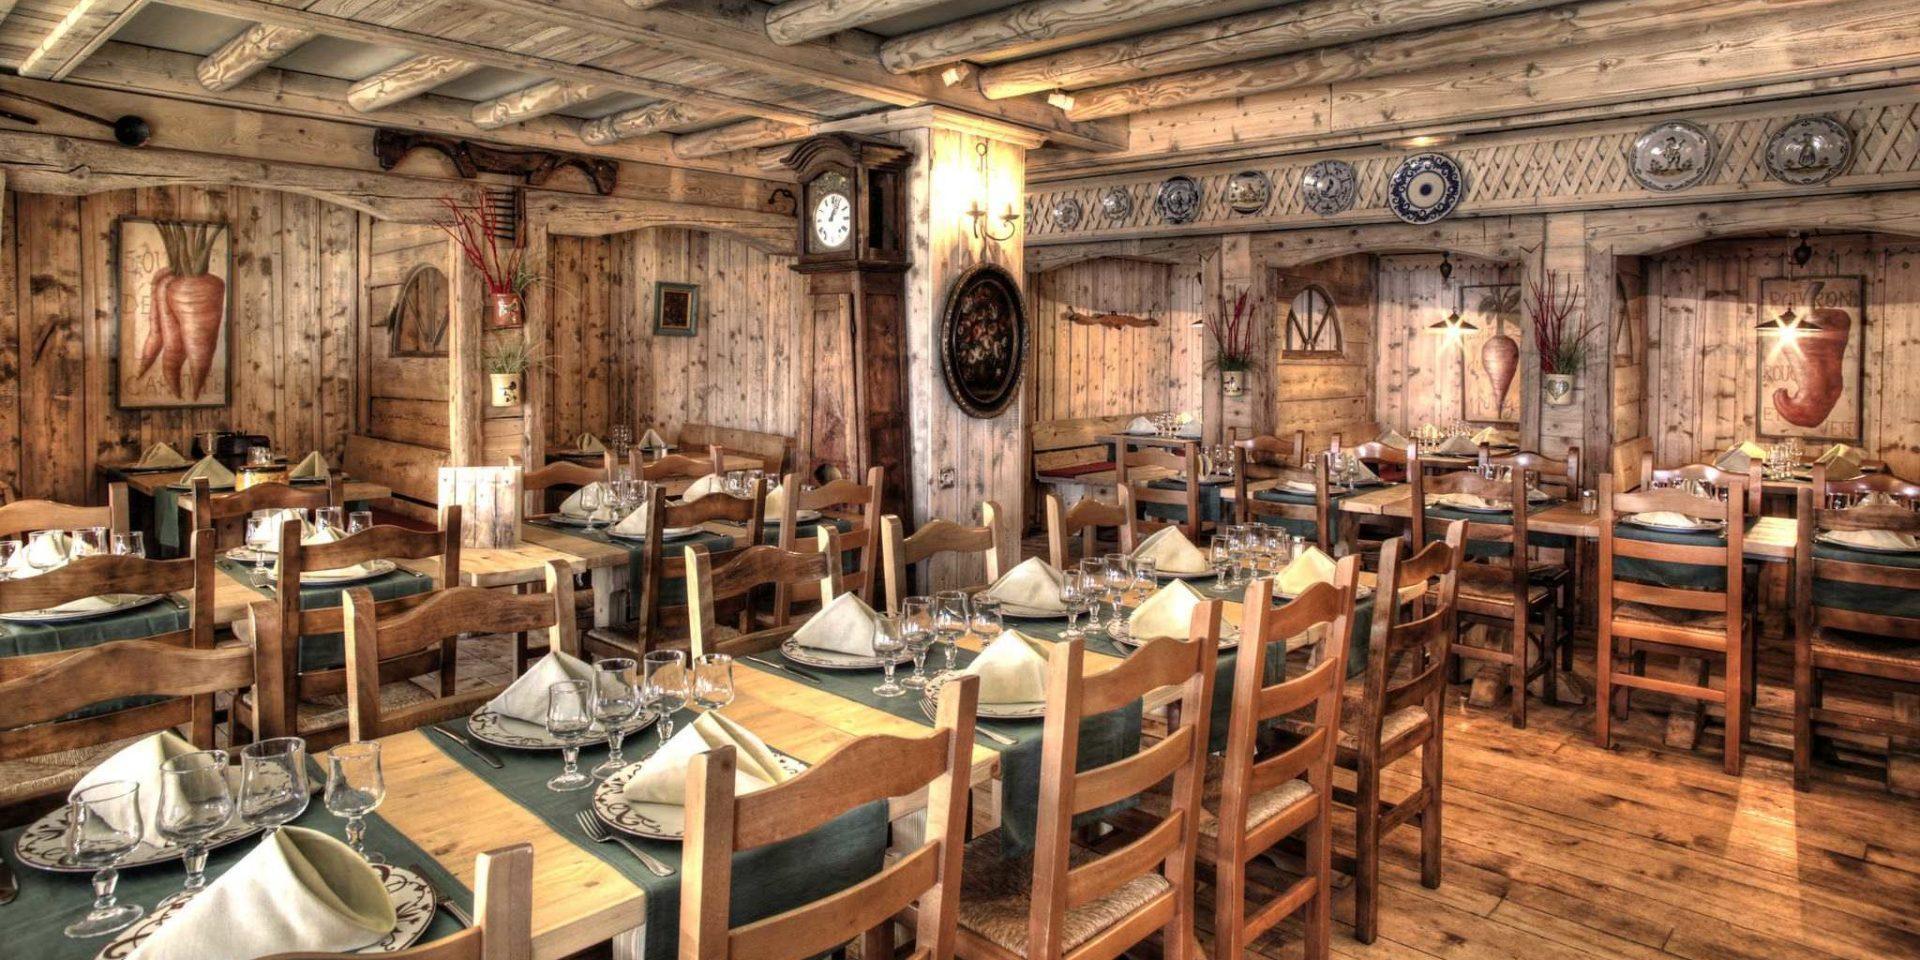 Hotel Village Montana Tignes Tignes-Val d'Isere Frankrijk wintersport skivakantie luxe restaurant La Chaumiere gedekte tafels wijnglazen schilderijen klok veel hout houten wanden houten plafond houten balken